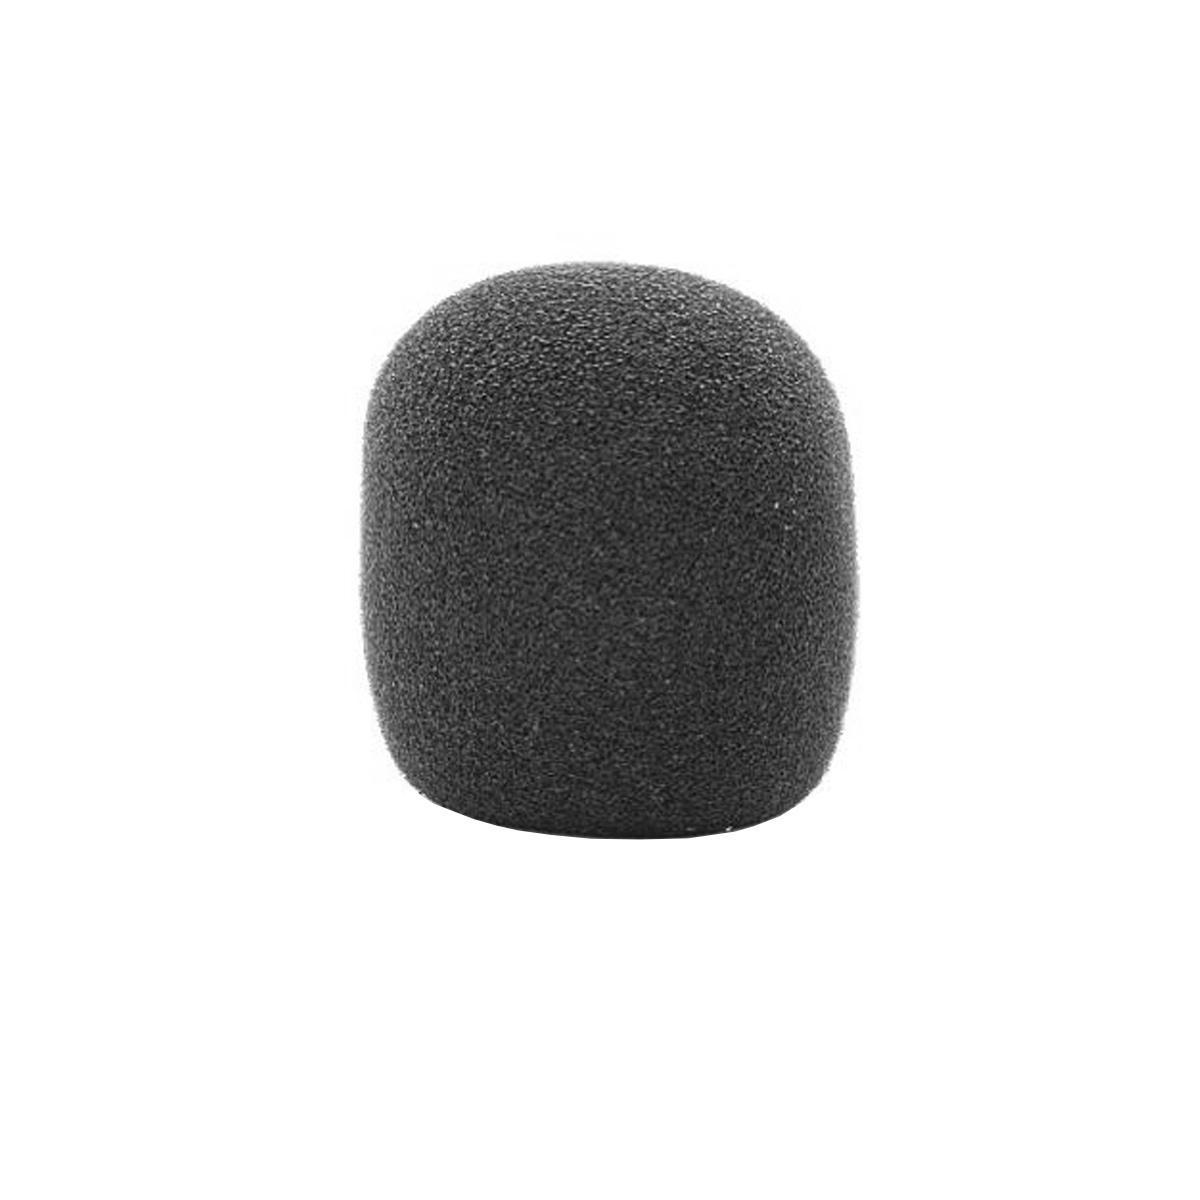 Espuma p/ Microfone Preta WM 58 - Le Son